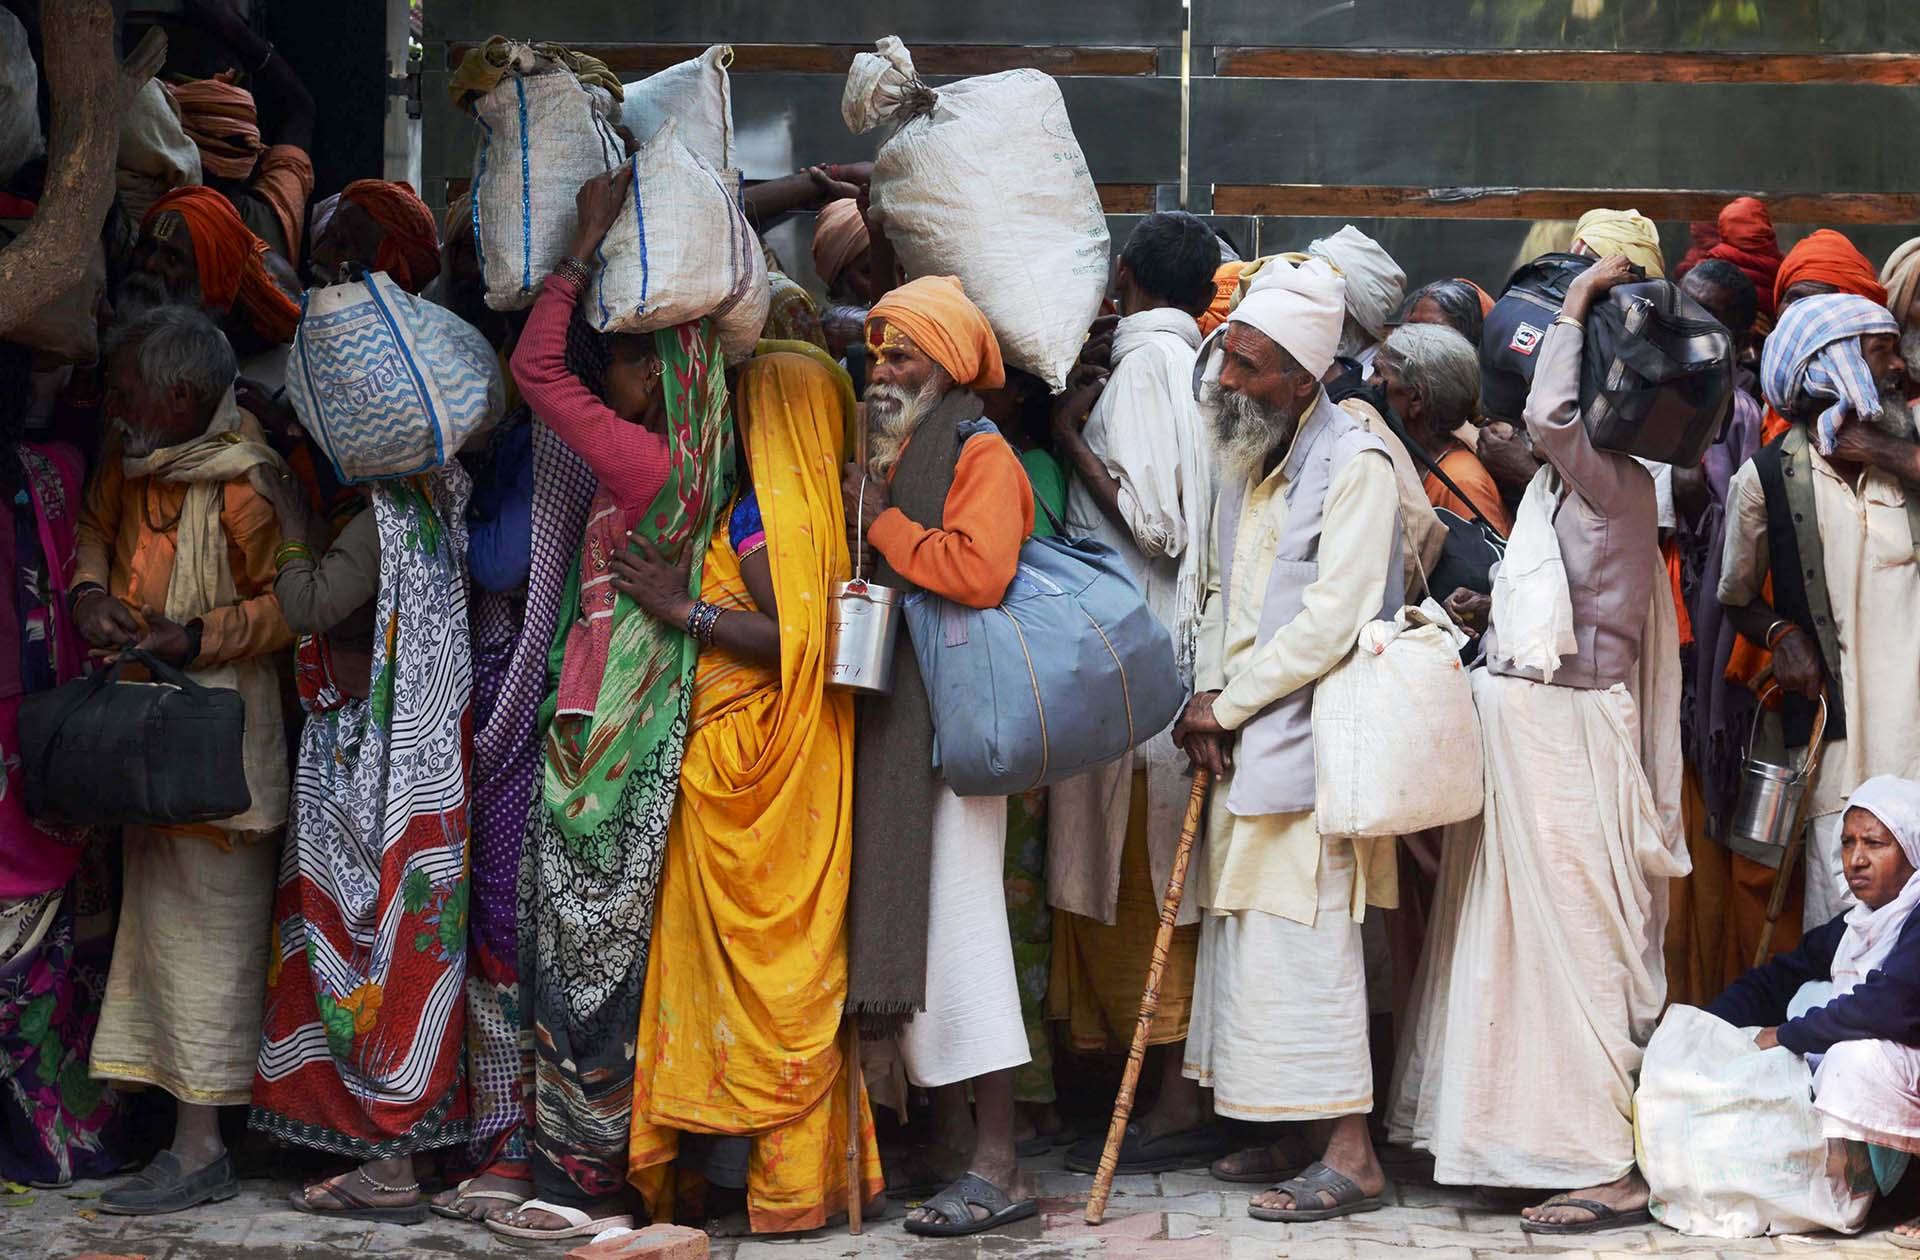 Los sadhus (los hombres santos) hacen cola para recibir las mantas durante una congregación de Sadhu, en el festival de Diwali en Amritsar, India